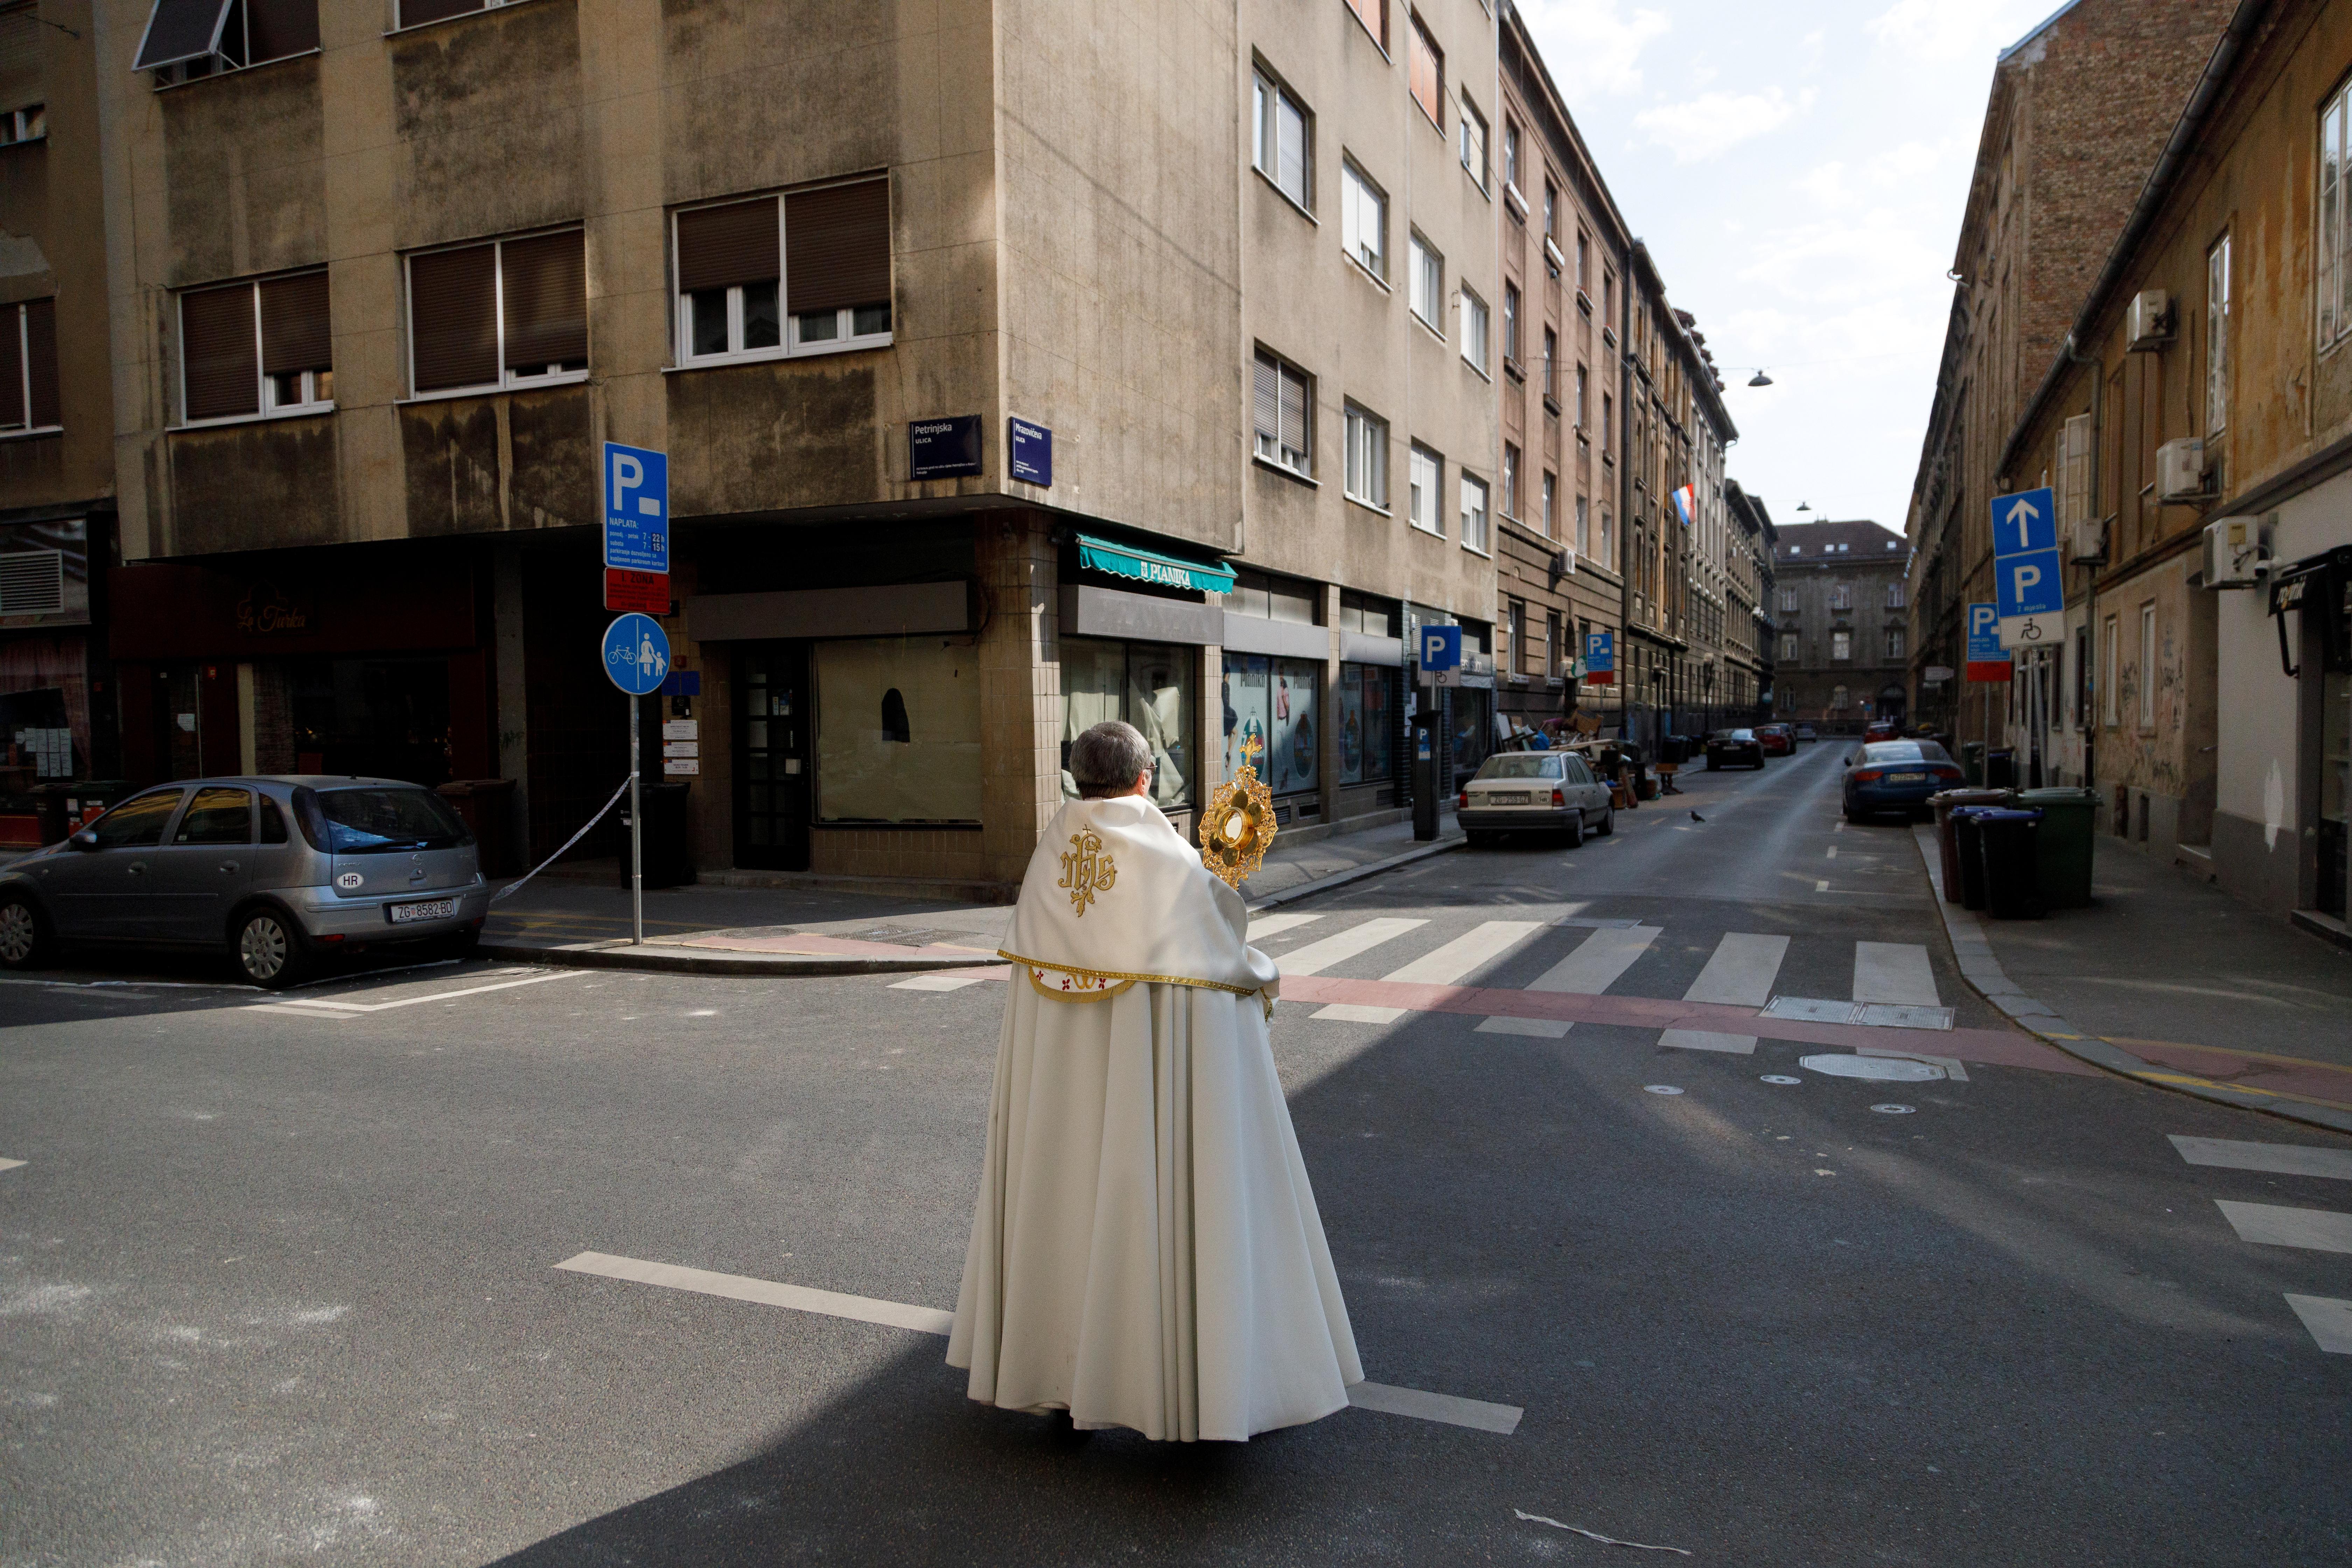 CROACIA - El padre Ivan Matic salió a las calles de Zagreb a celebrar el domingo de Pascuas y a bendecir a las personas en los balcones